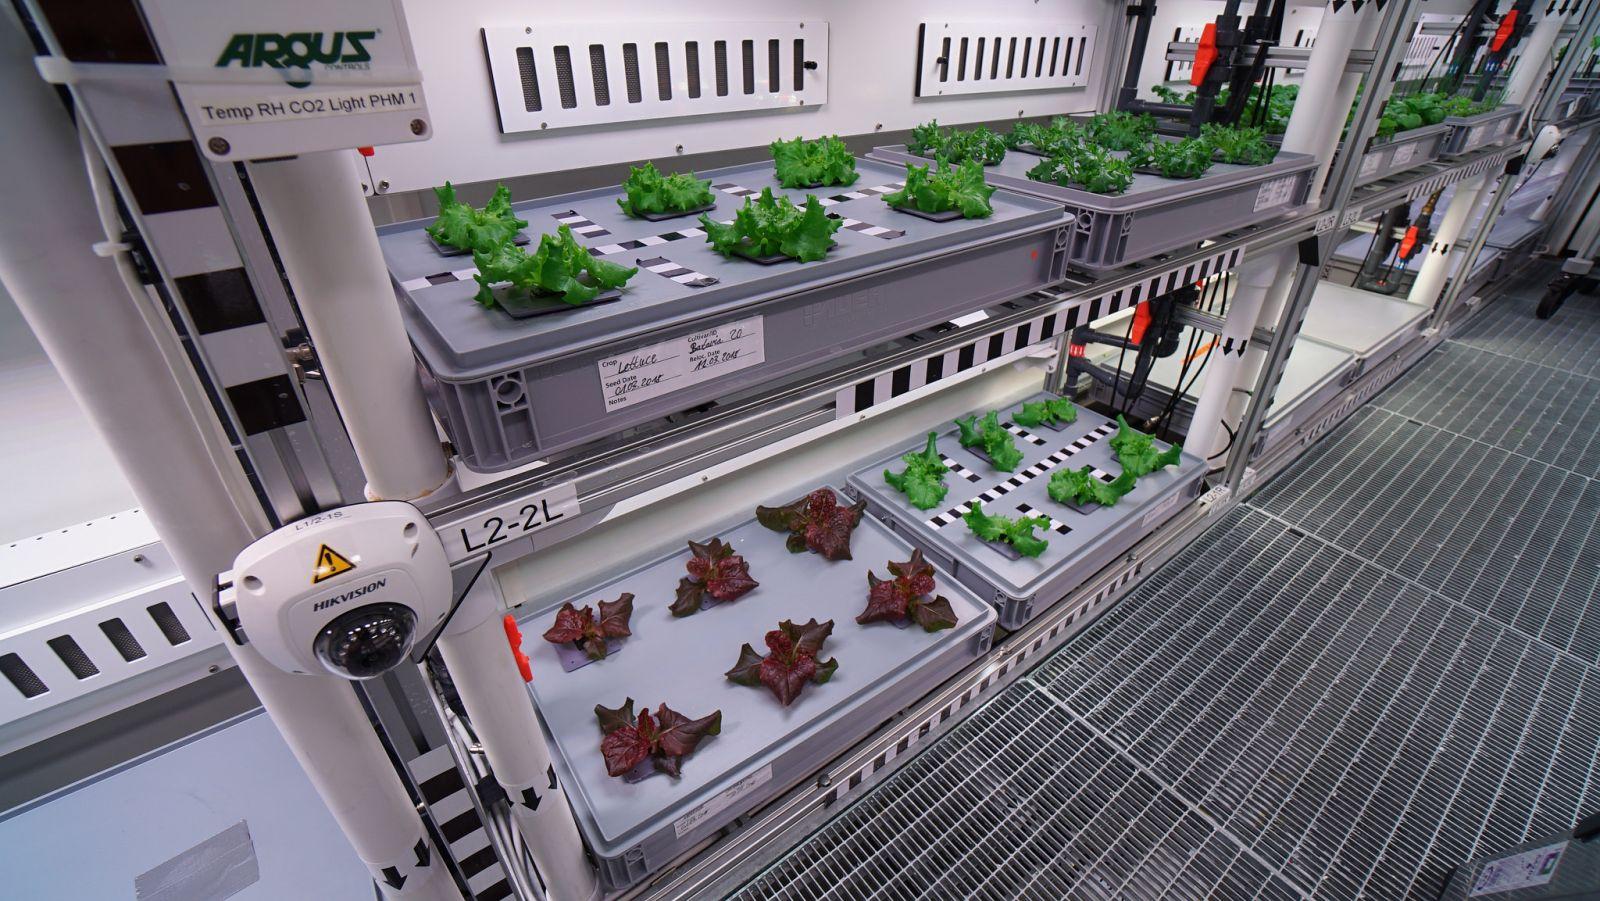 Antartica farming7.jpg